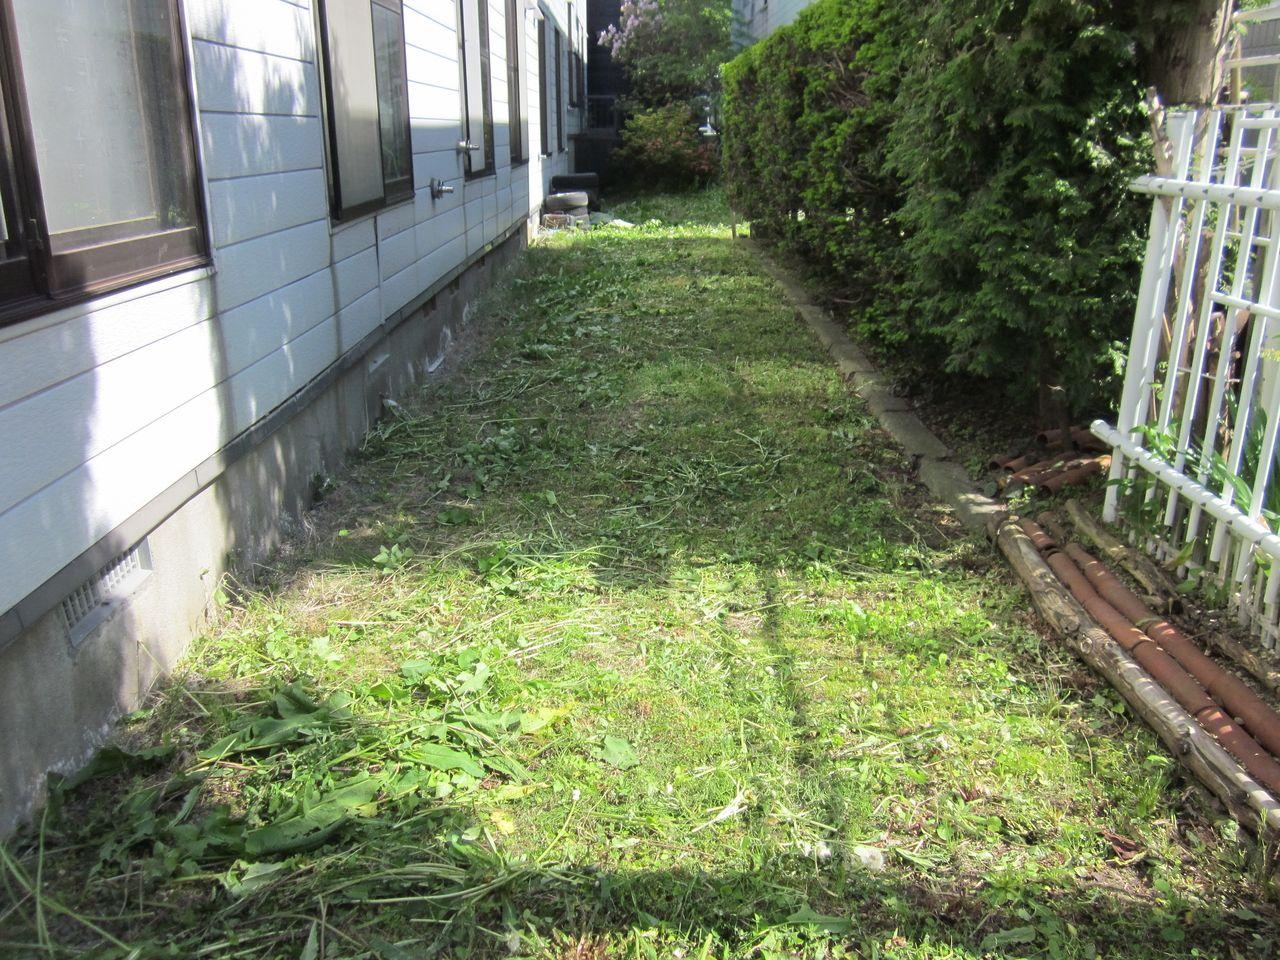 アパート等の草刈りを実施しています。草が伸びるのは早いですね…